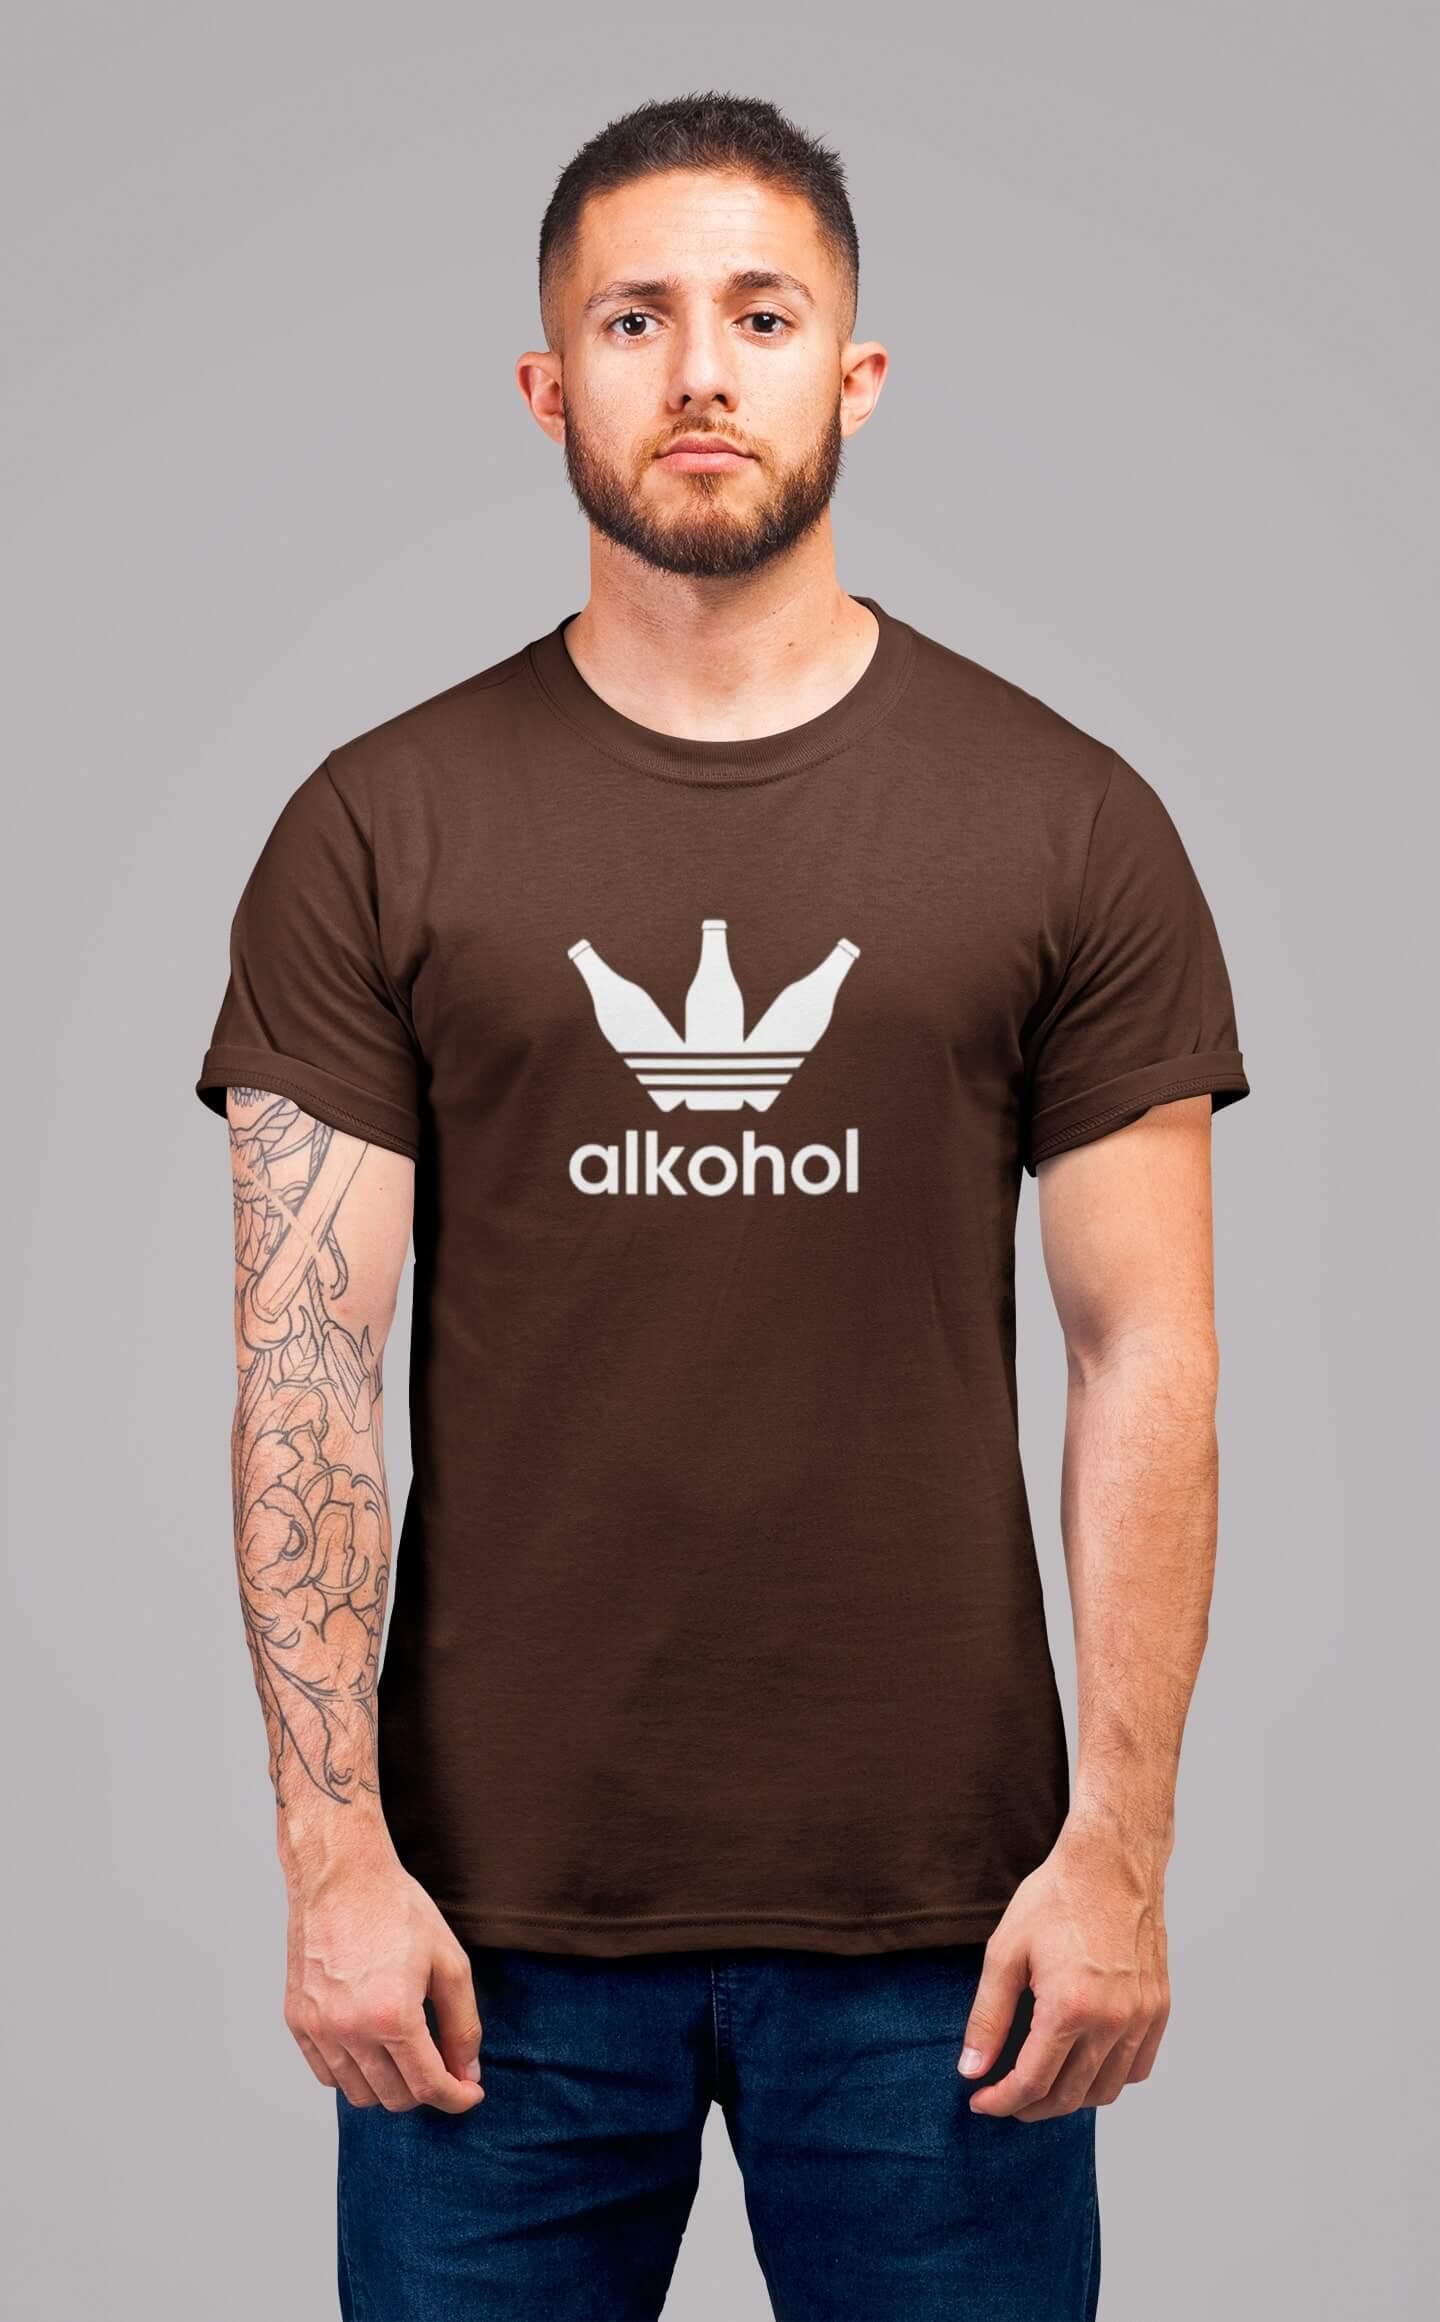 MMO Pánske tričko s flaškami Vyberte farbu: Čokoládová, Vyberte veľkosť: S